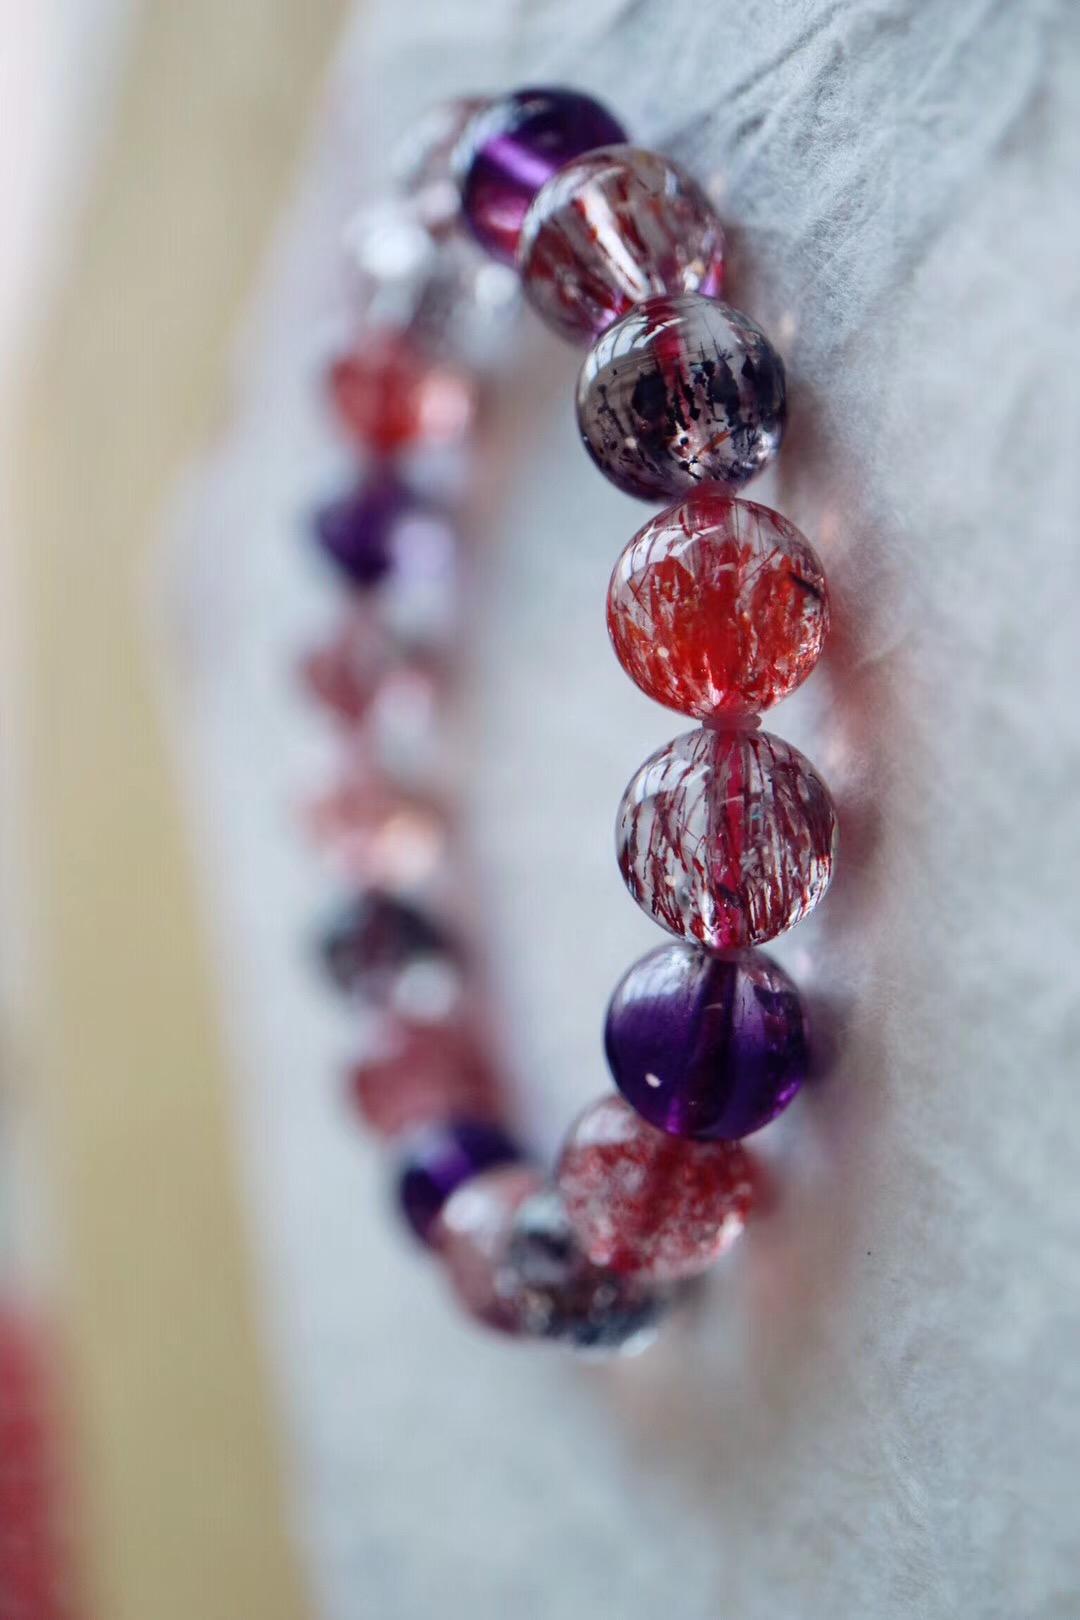 【菩心 | 极品超七紫发晶】紫发晶的高频磁场能够净化心灵-菩心晶舍